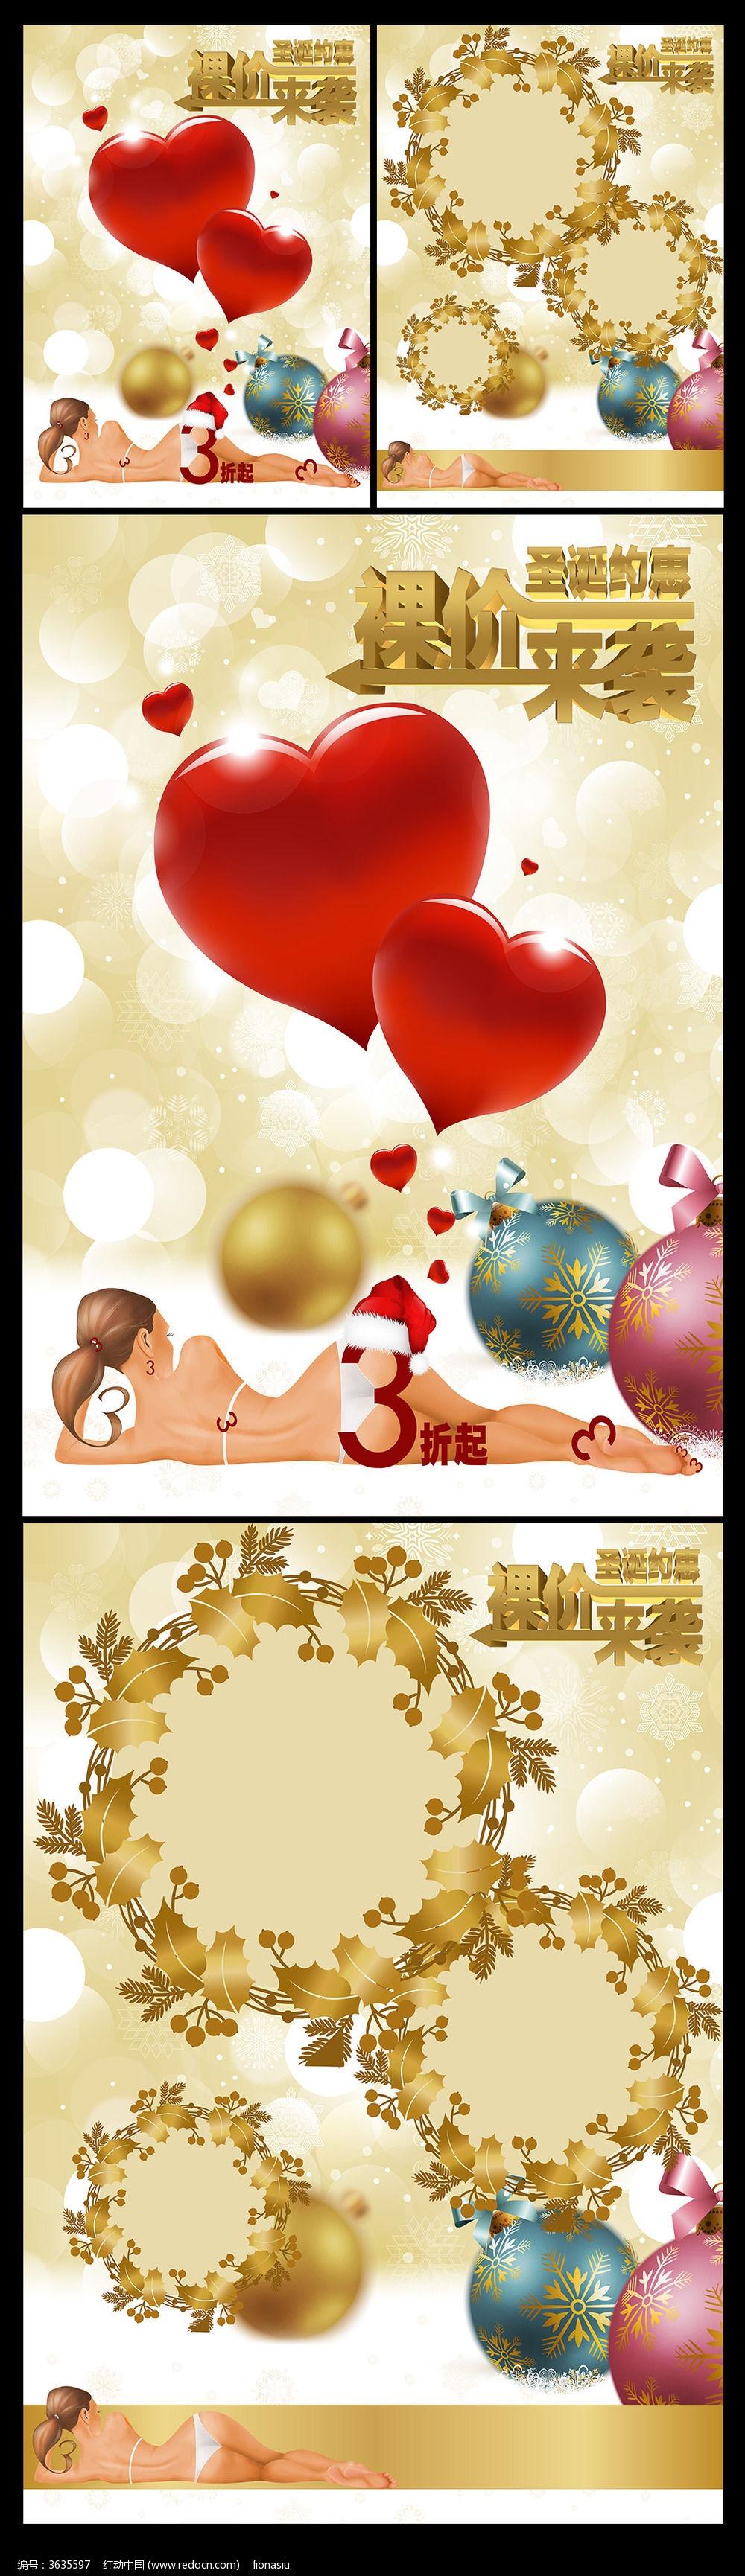 手绘比基尼圣诞促销海报背景